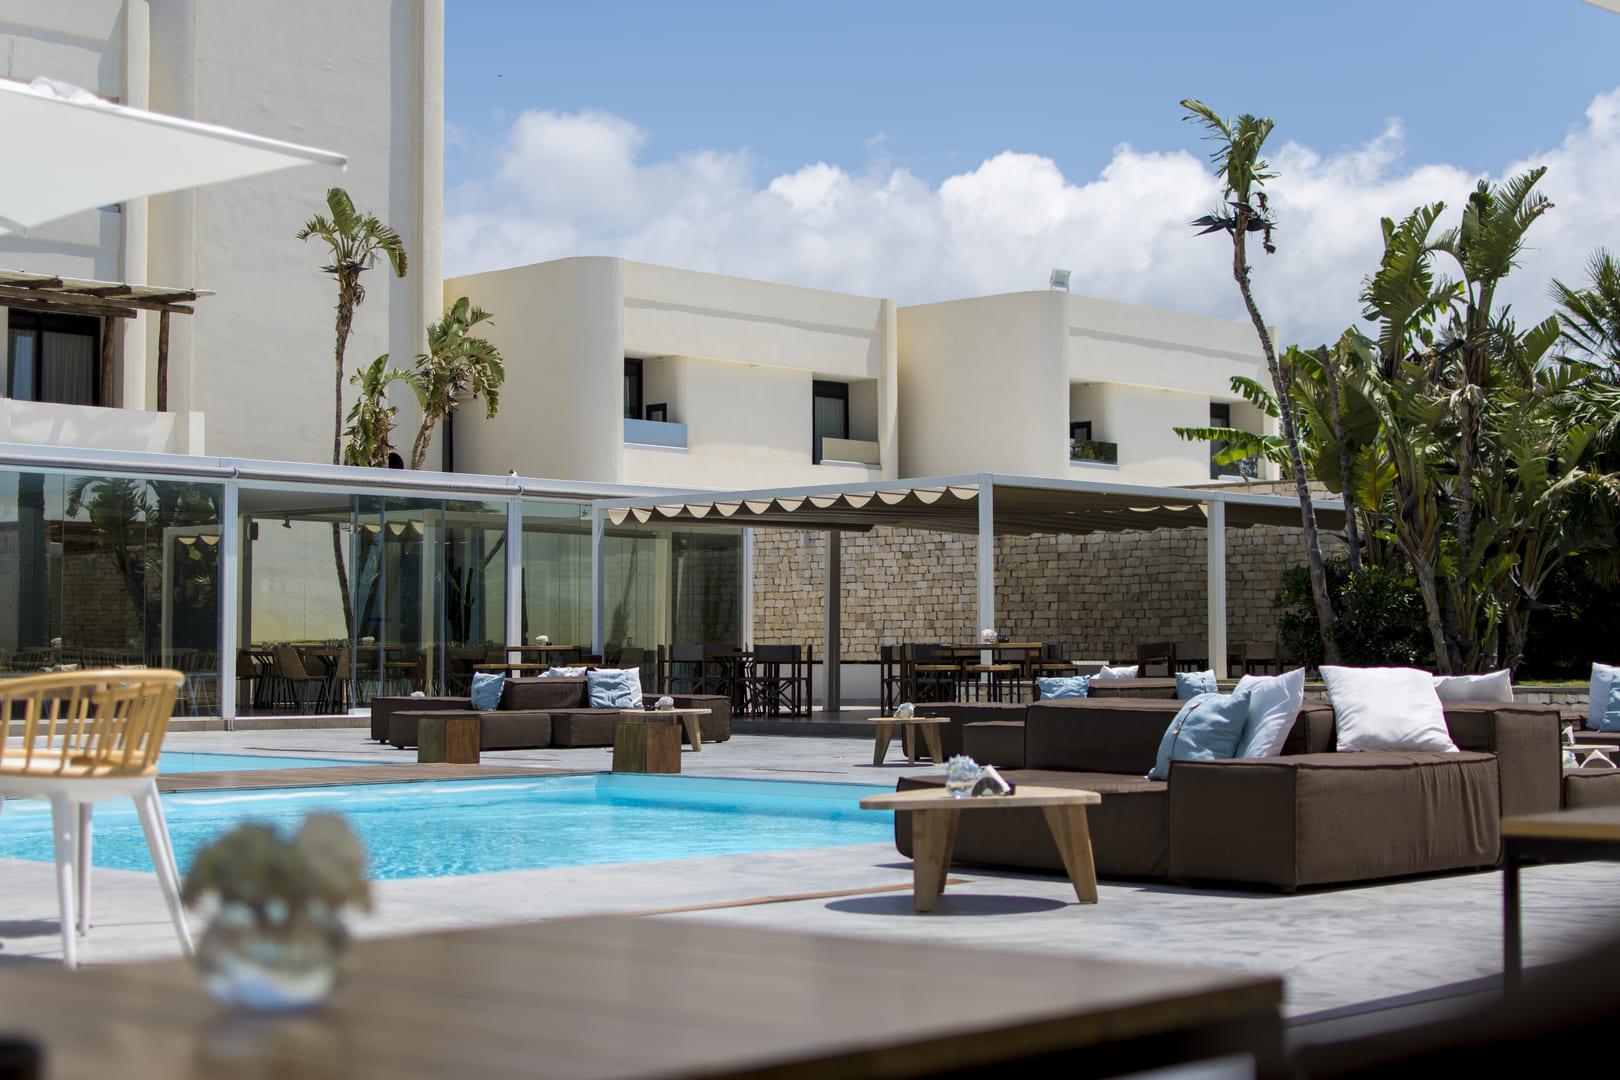 Matrimonio in stile mediterraneo 3 motivi per scegliere una location con piscina